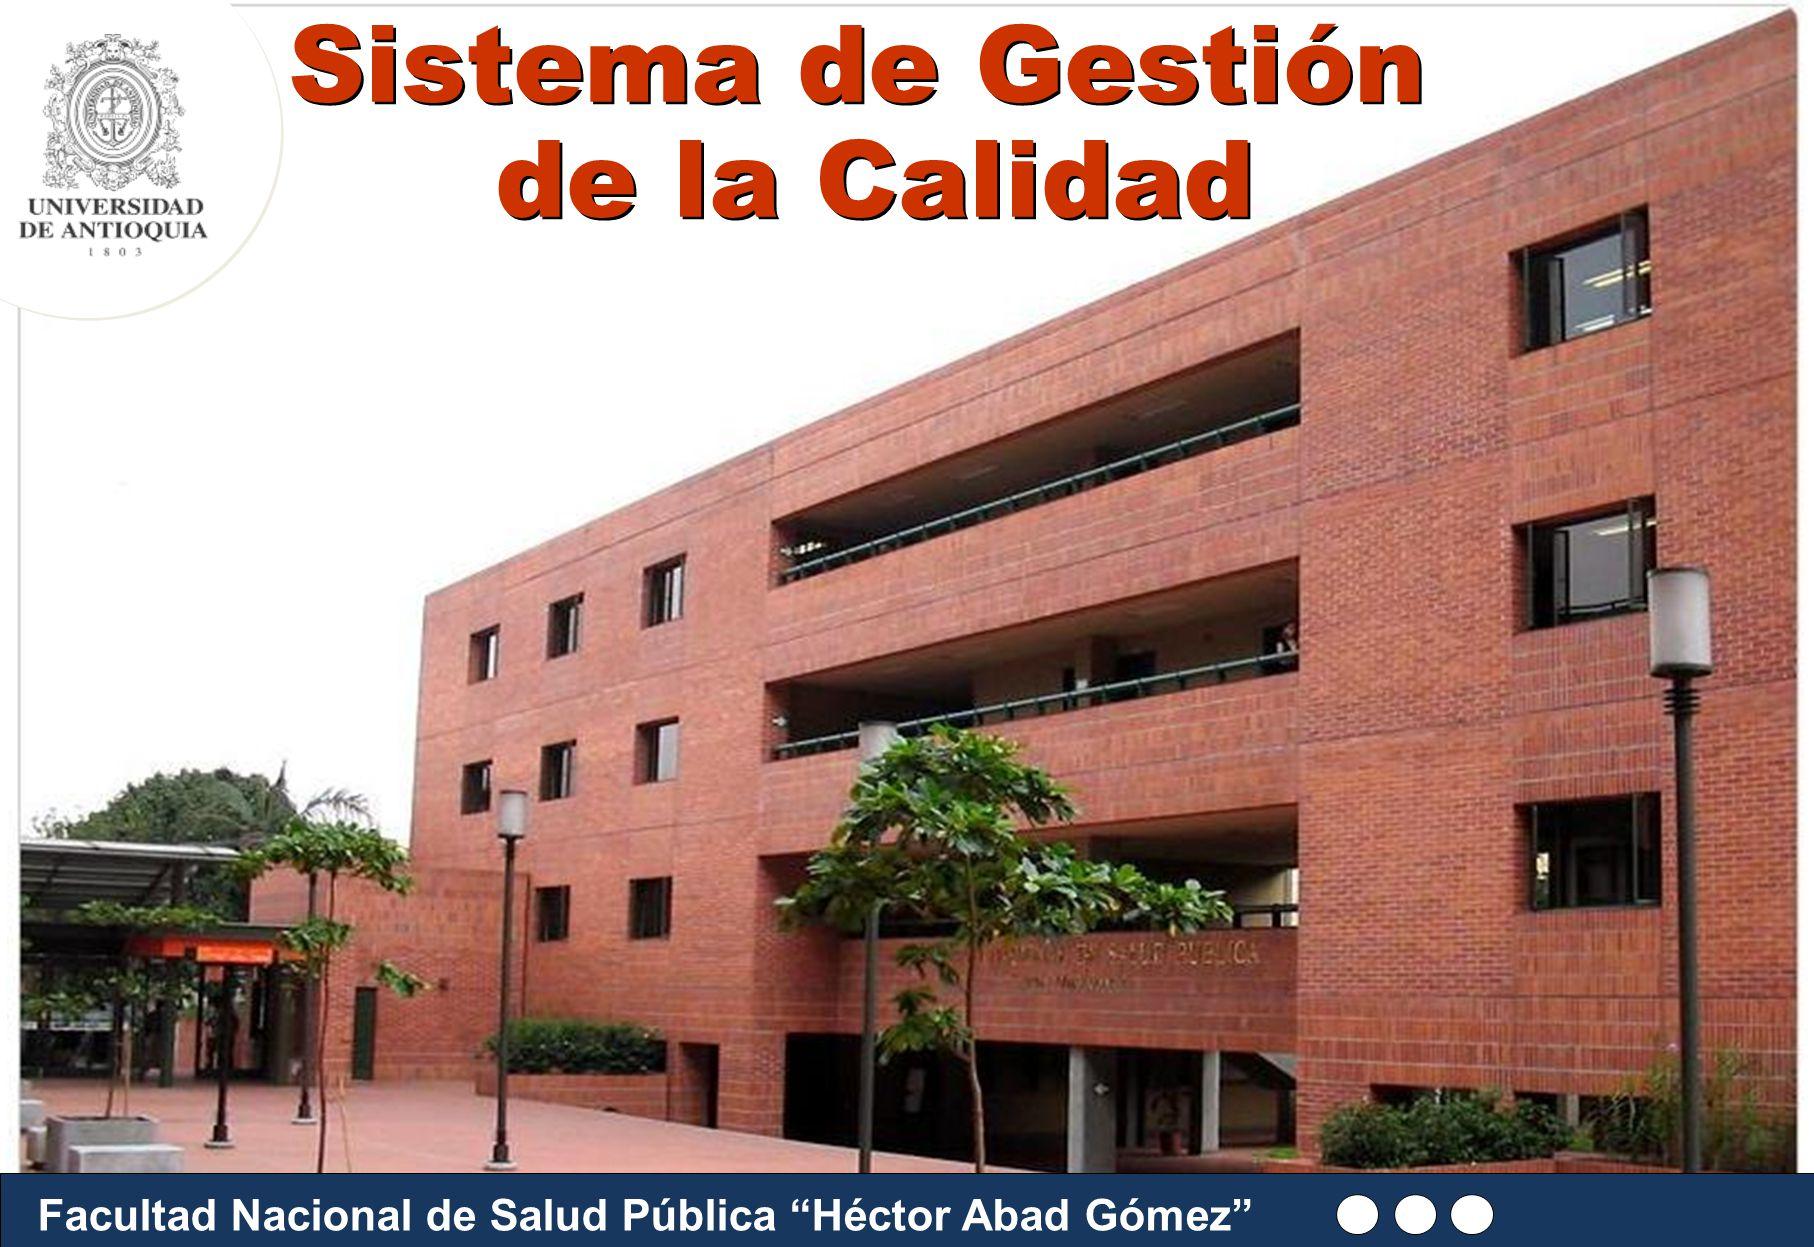 Facultad Nacional de Salud Pública Héctor Abad Gómez Sistema de Gestión de la Calidad Sistema de Gestión de la Calidad